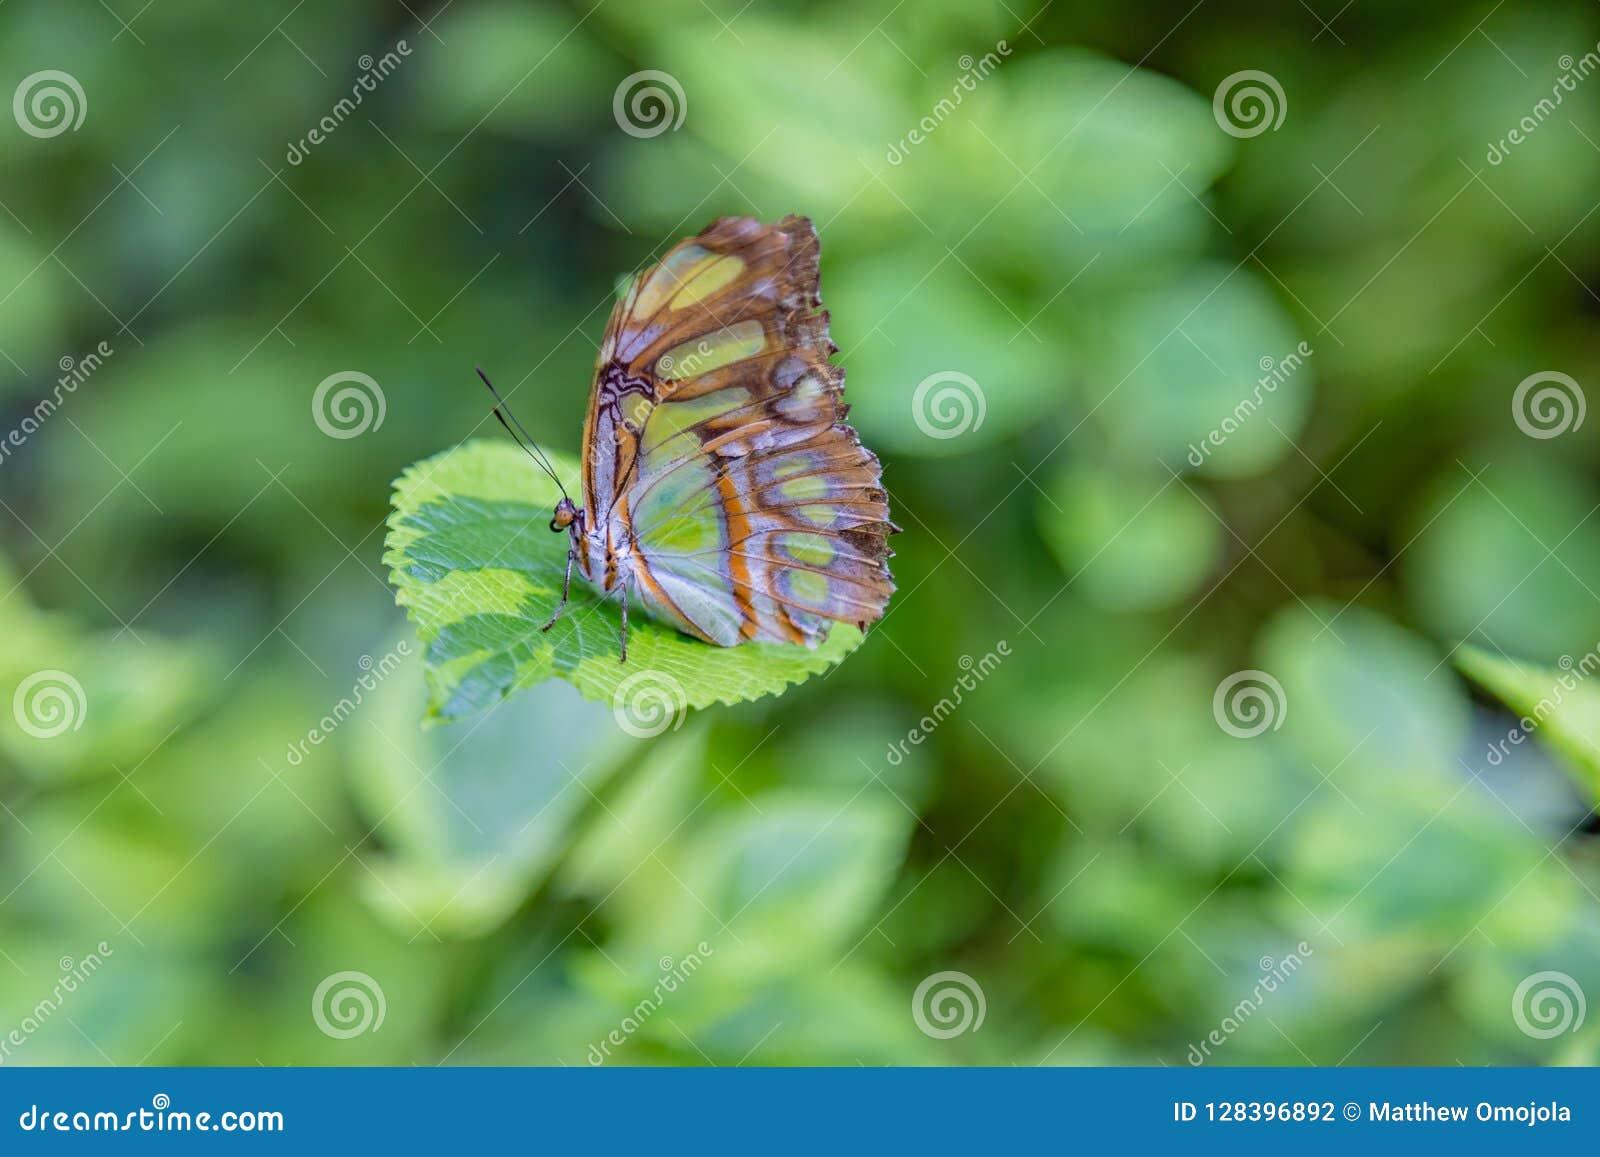 Farfalla della malachite con le ali chiuse